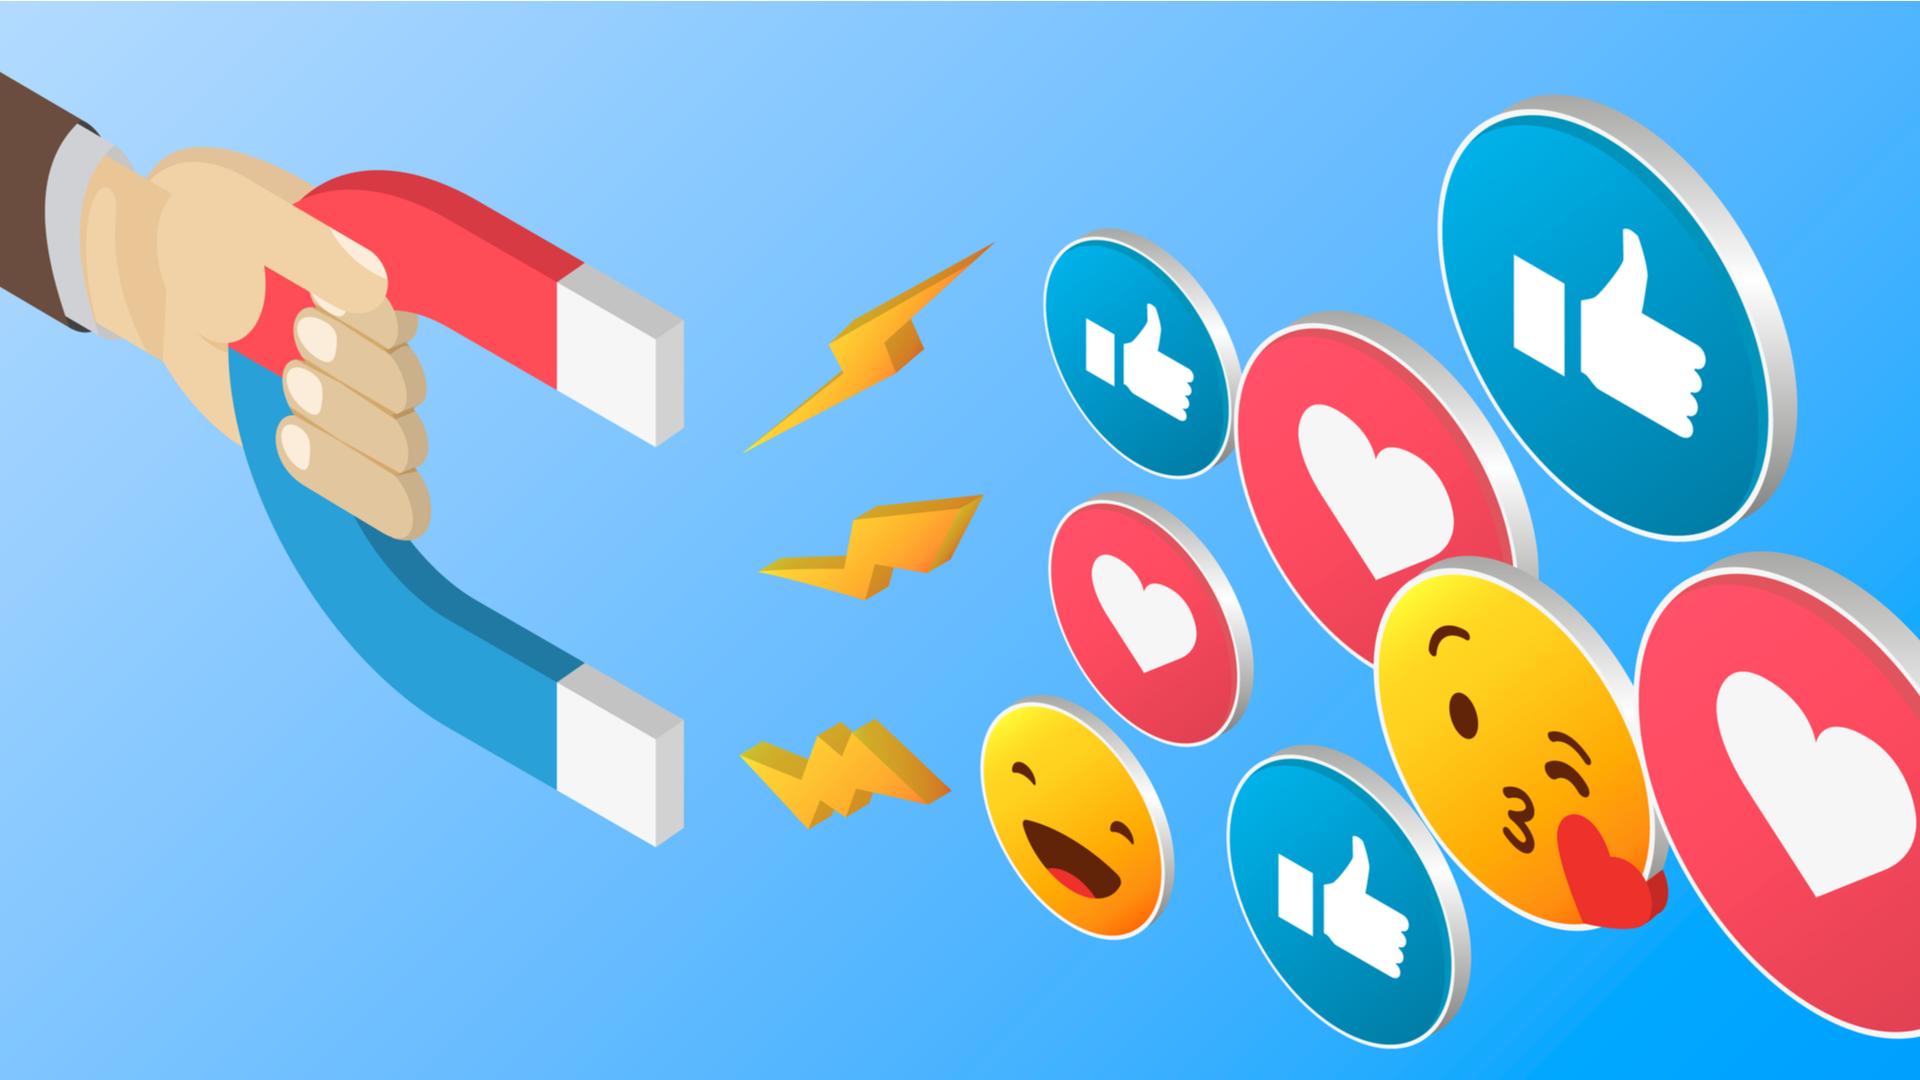 Boost din Facebookmarkedsføring